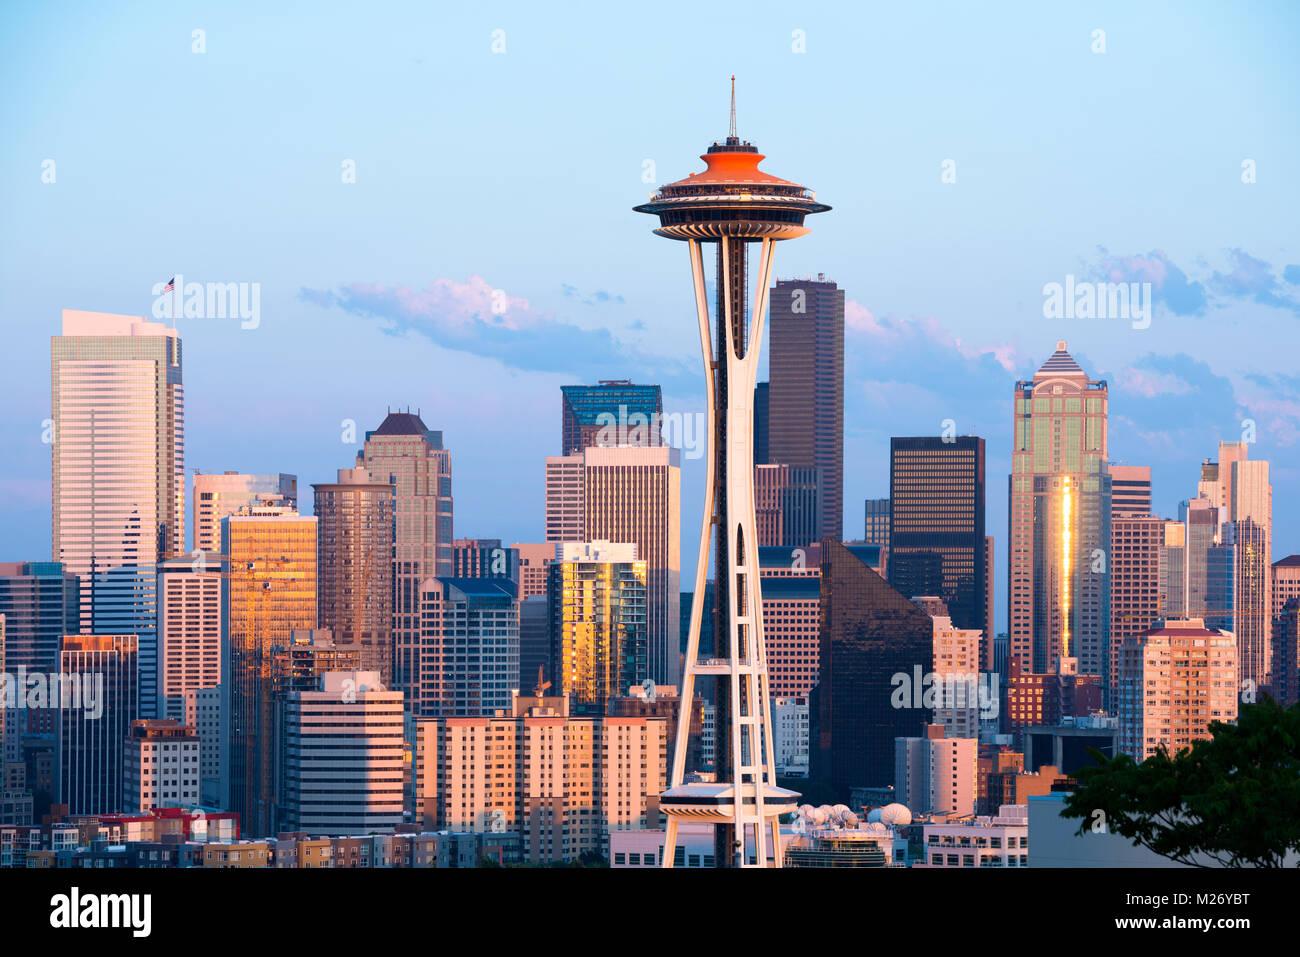 Lo skyline del centro cittadino di Seattle in stato di Washington Immagini Stock